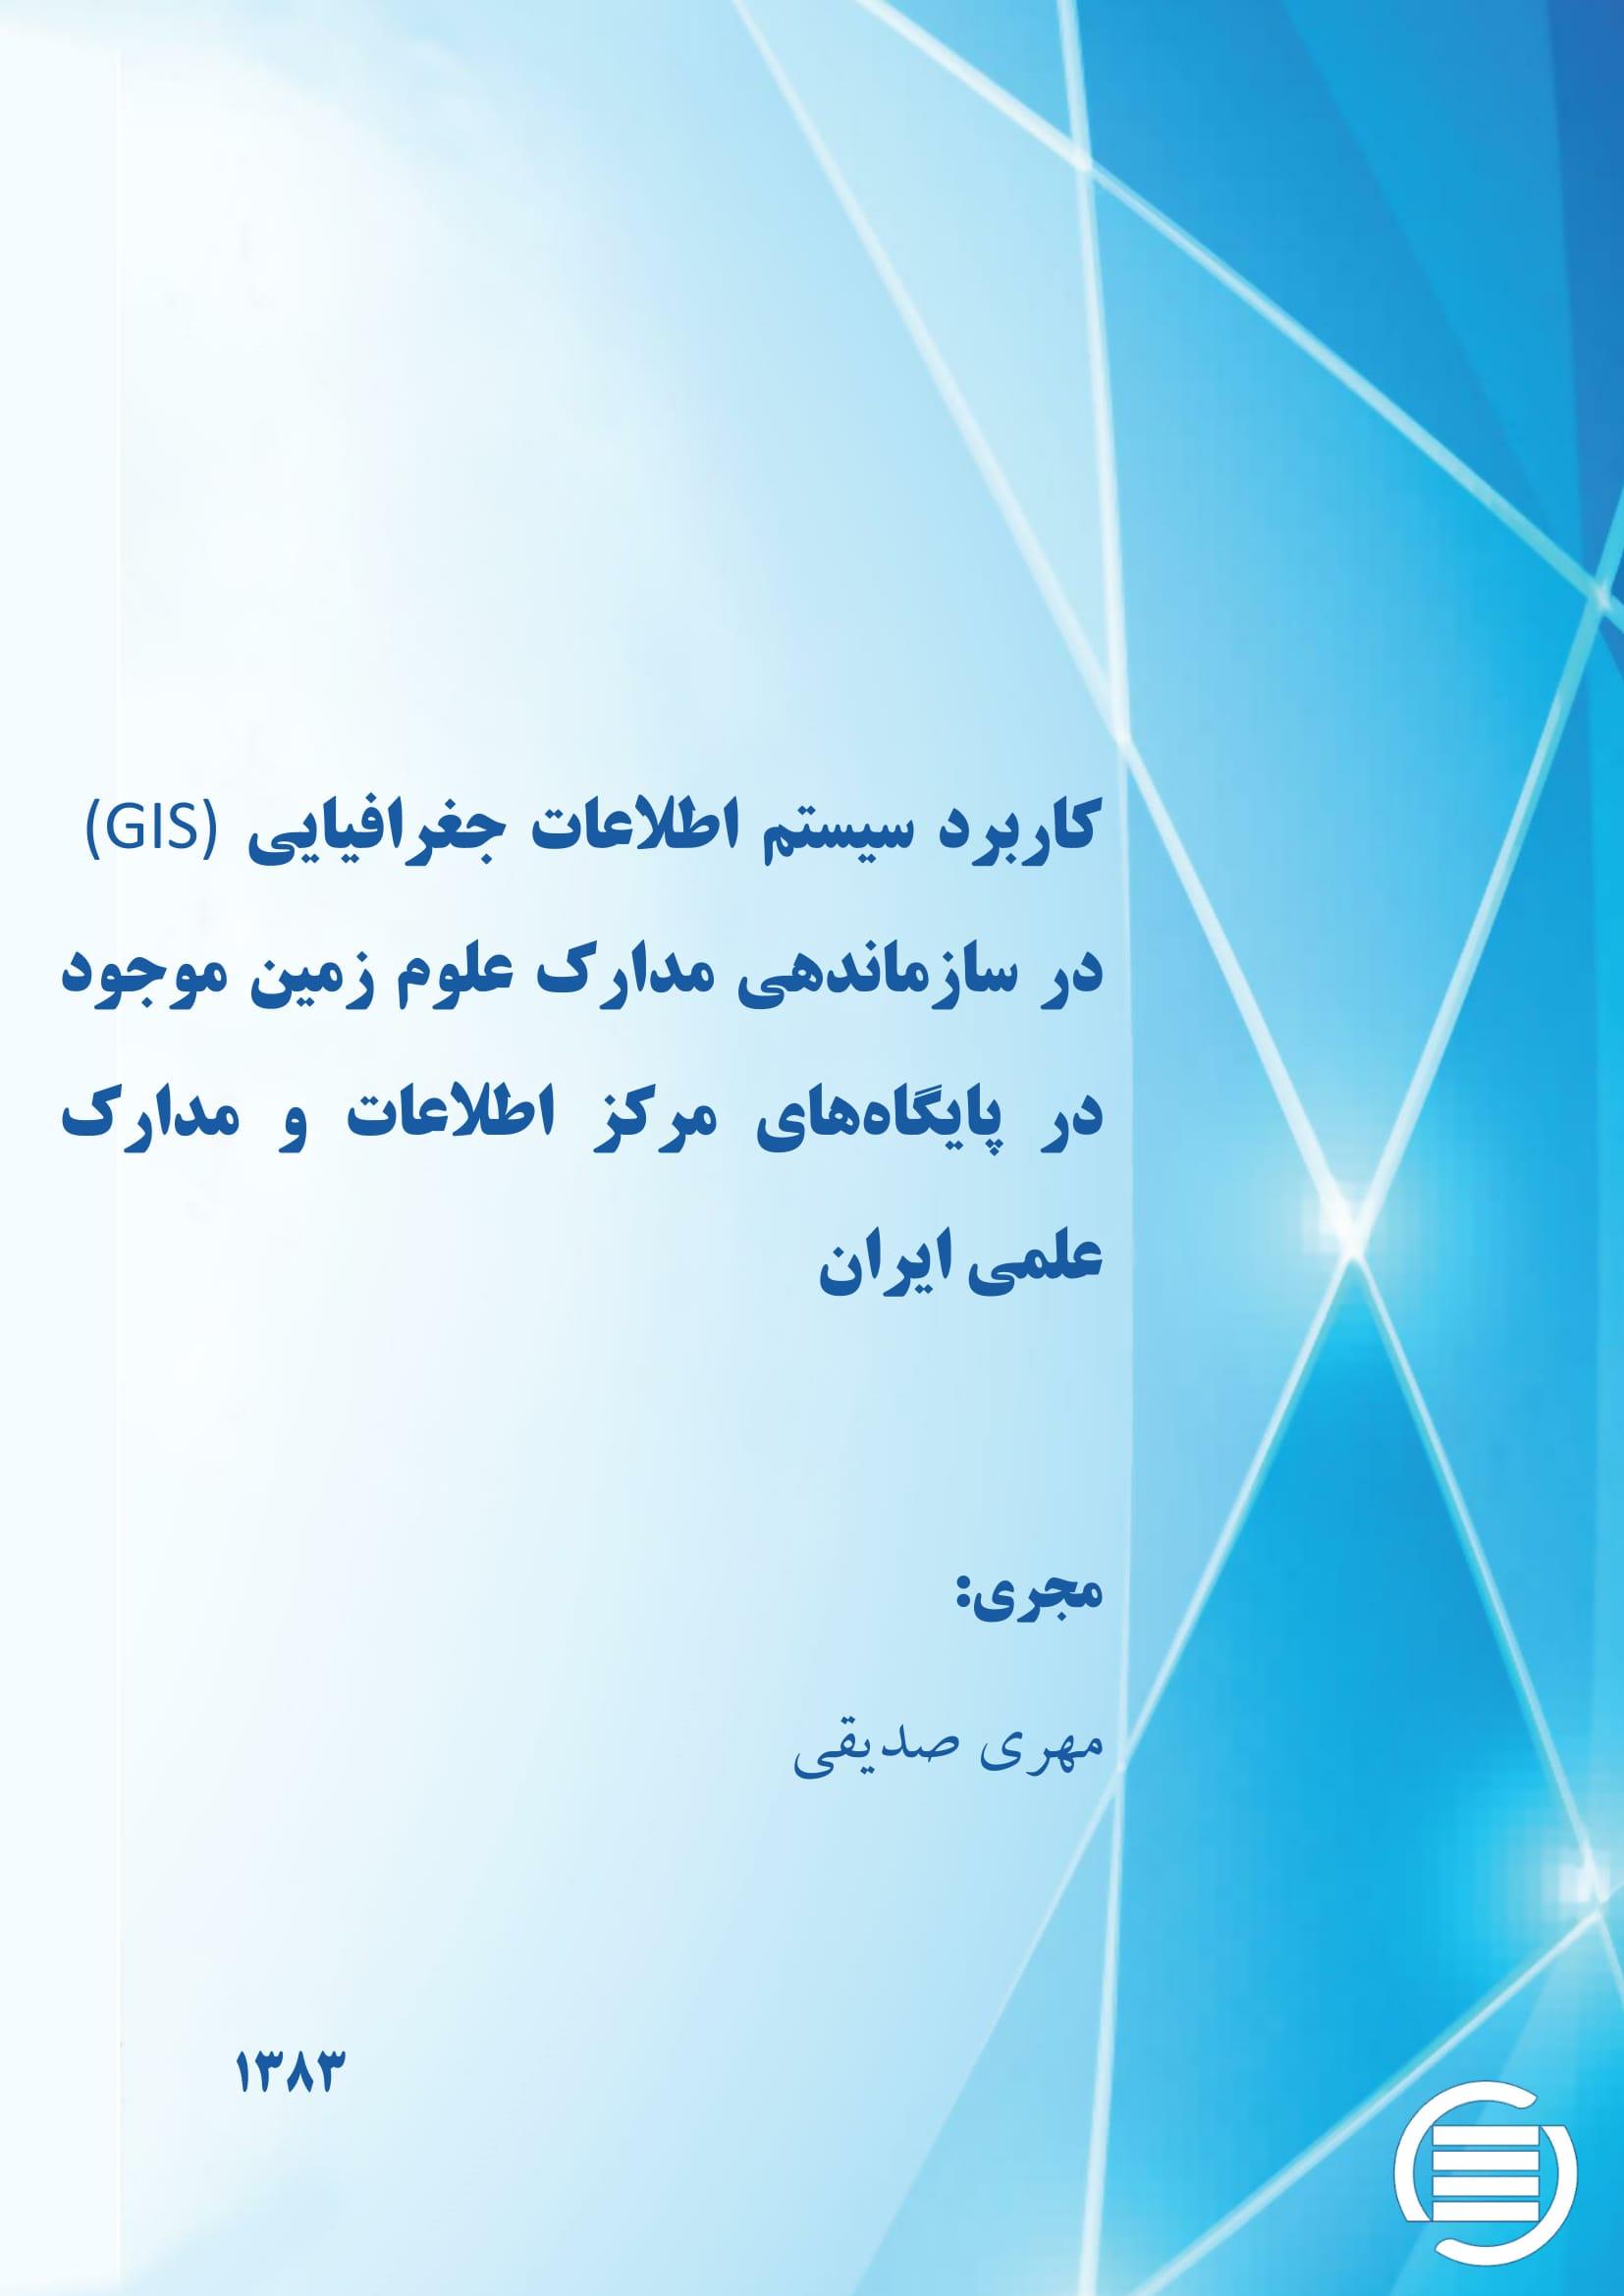 کاربرد سیستم اطلاعات جغرافیایی (GIS) در سازماندهی مدارک علوم زمین موجود در پایگاههای مرکز اطلاعات و مدارک علمی ایران